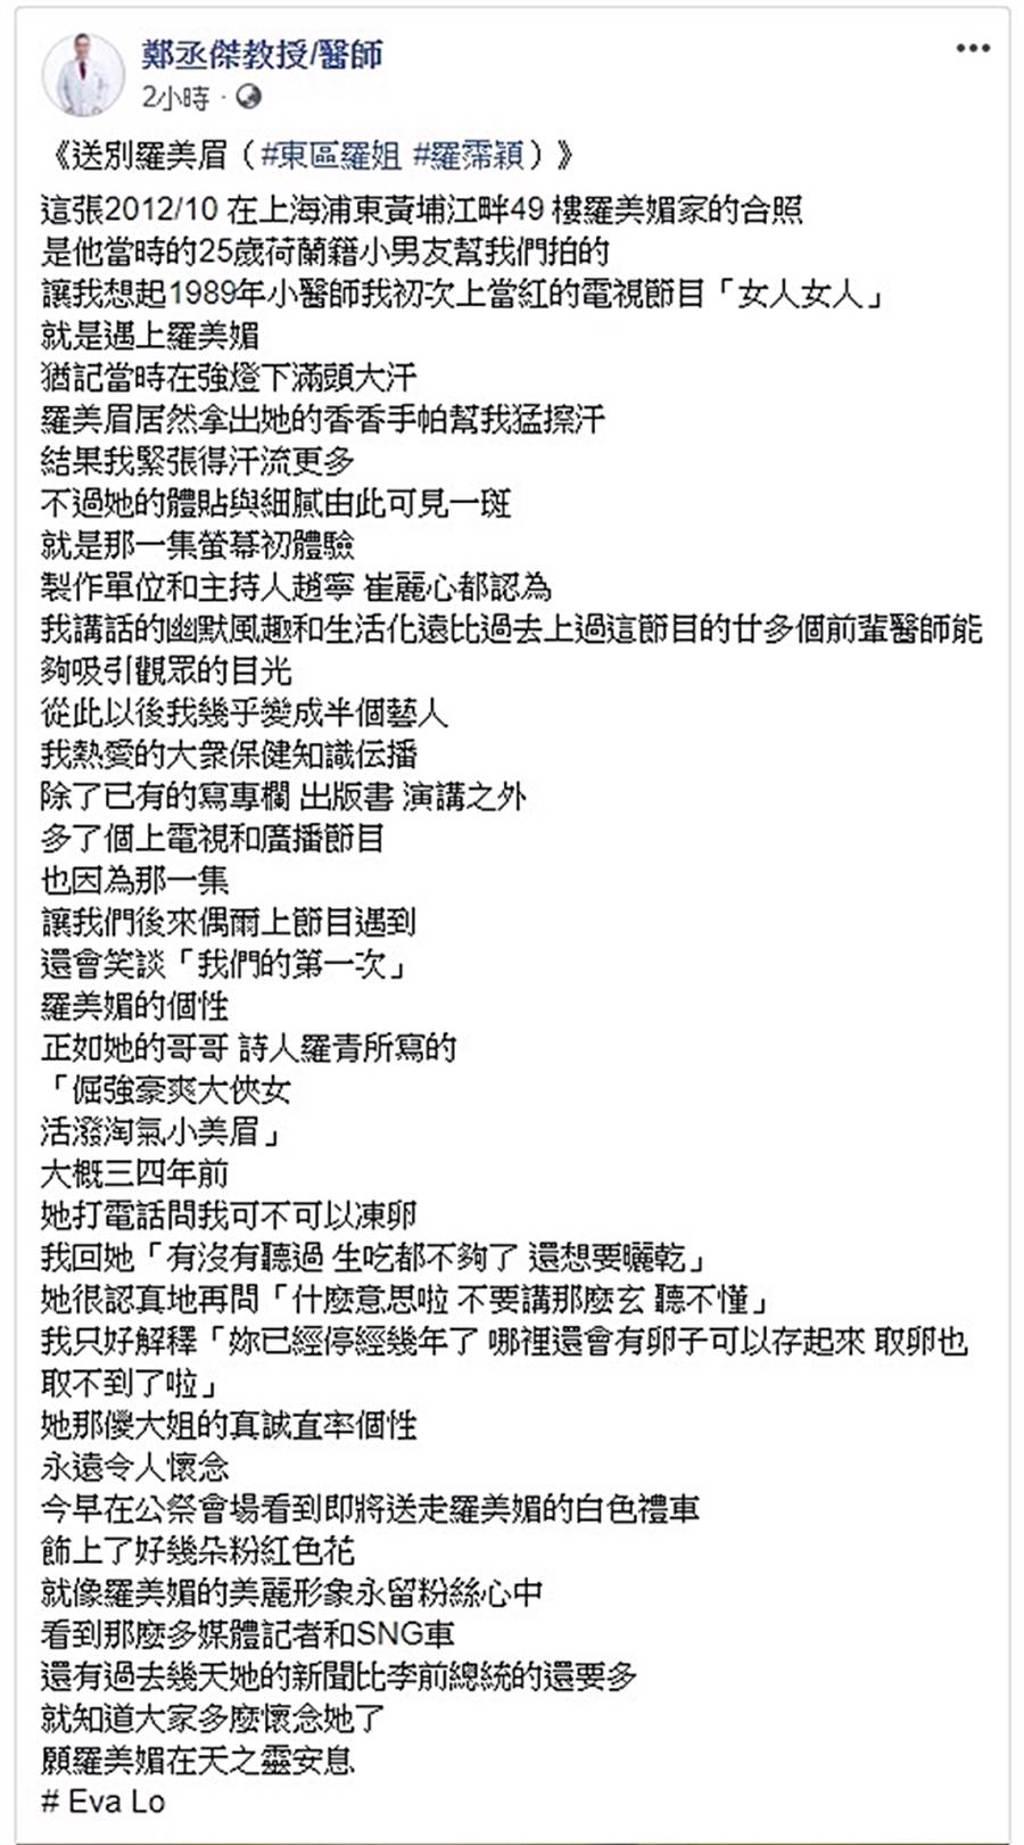 鄭丞傑發文。(圖/翻攝自鄭丞傑教授/醫師臉書)